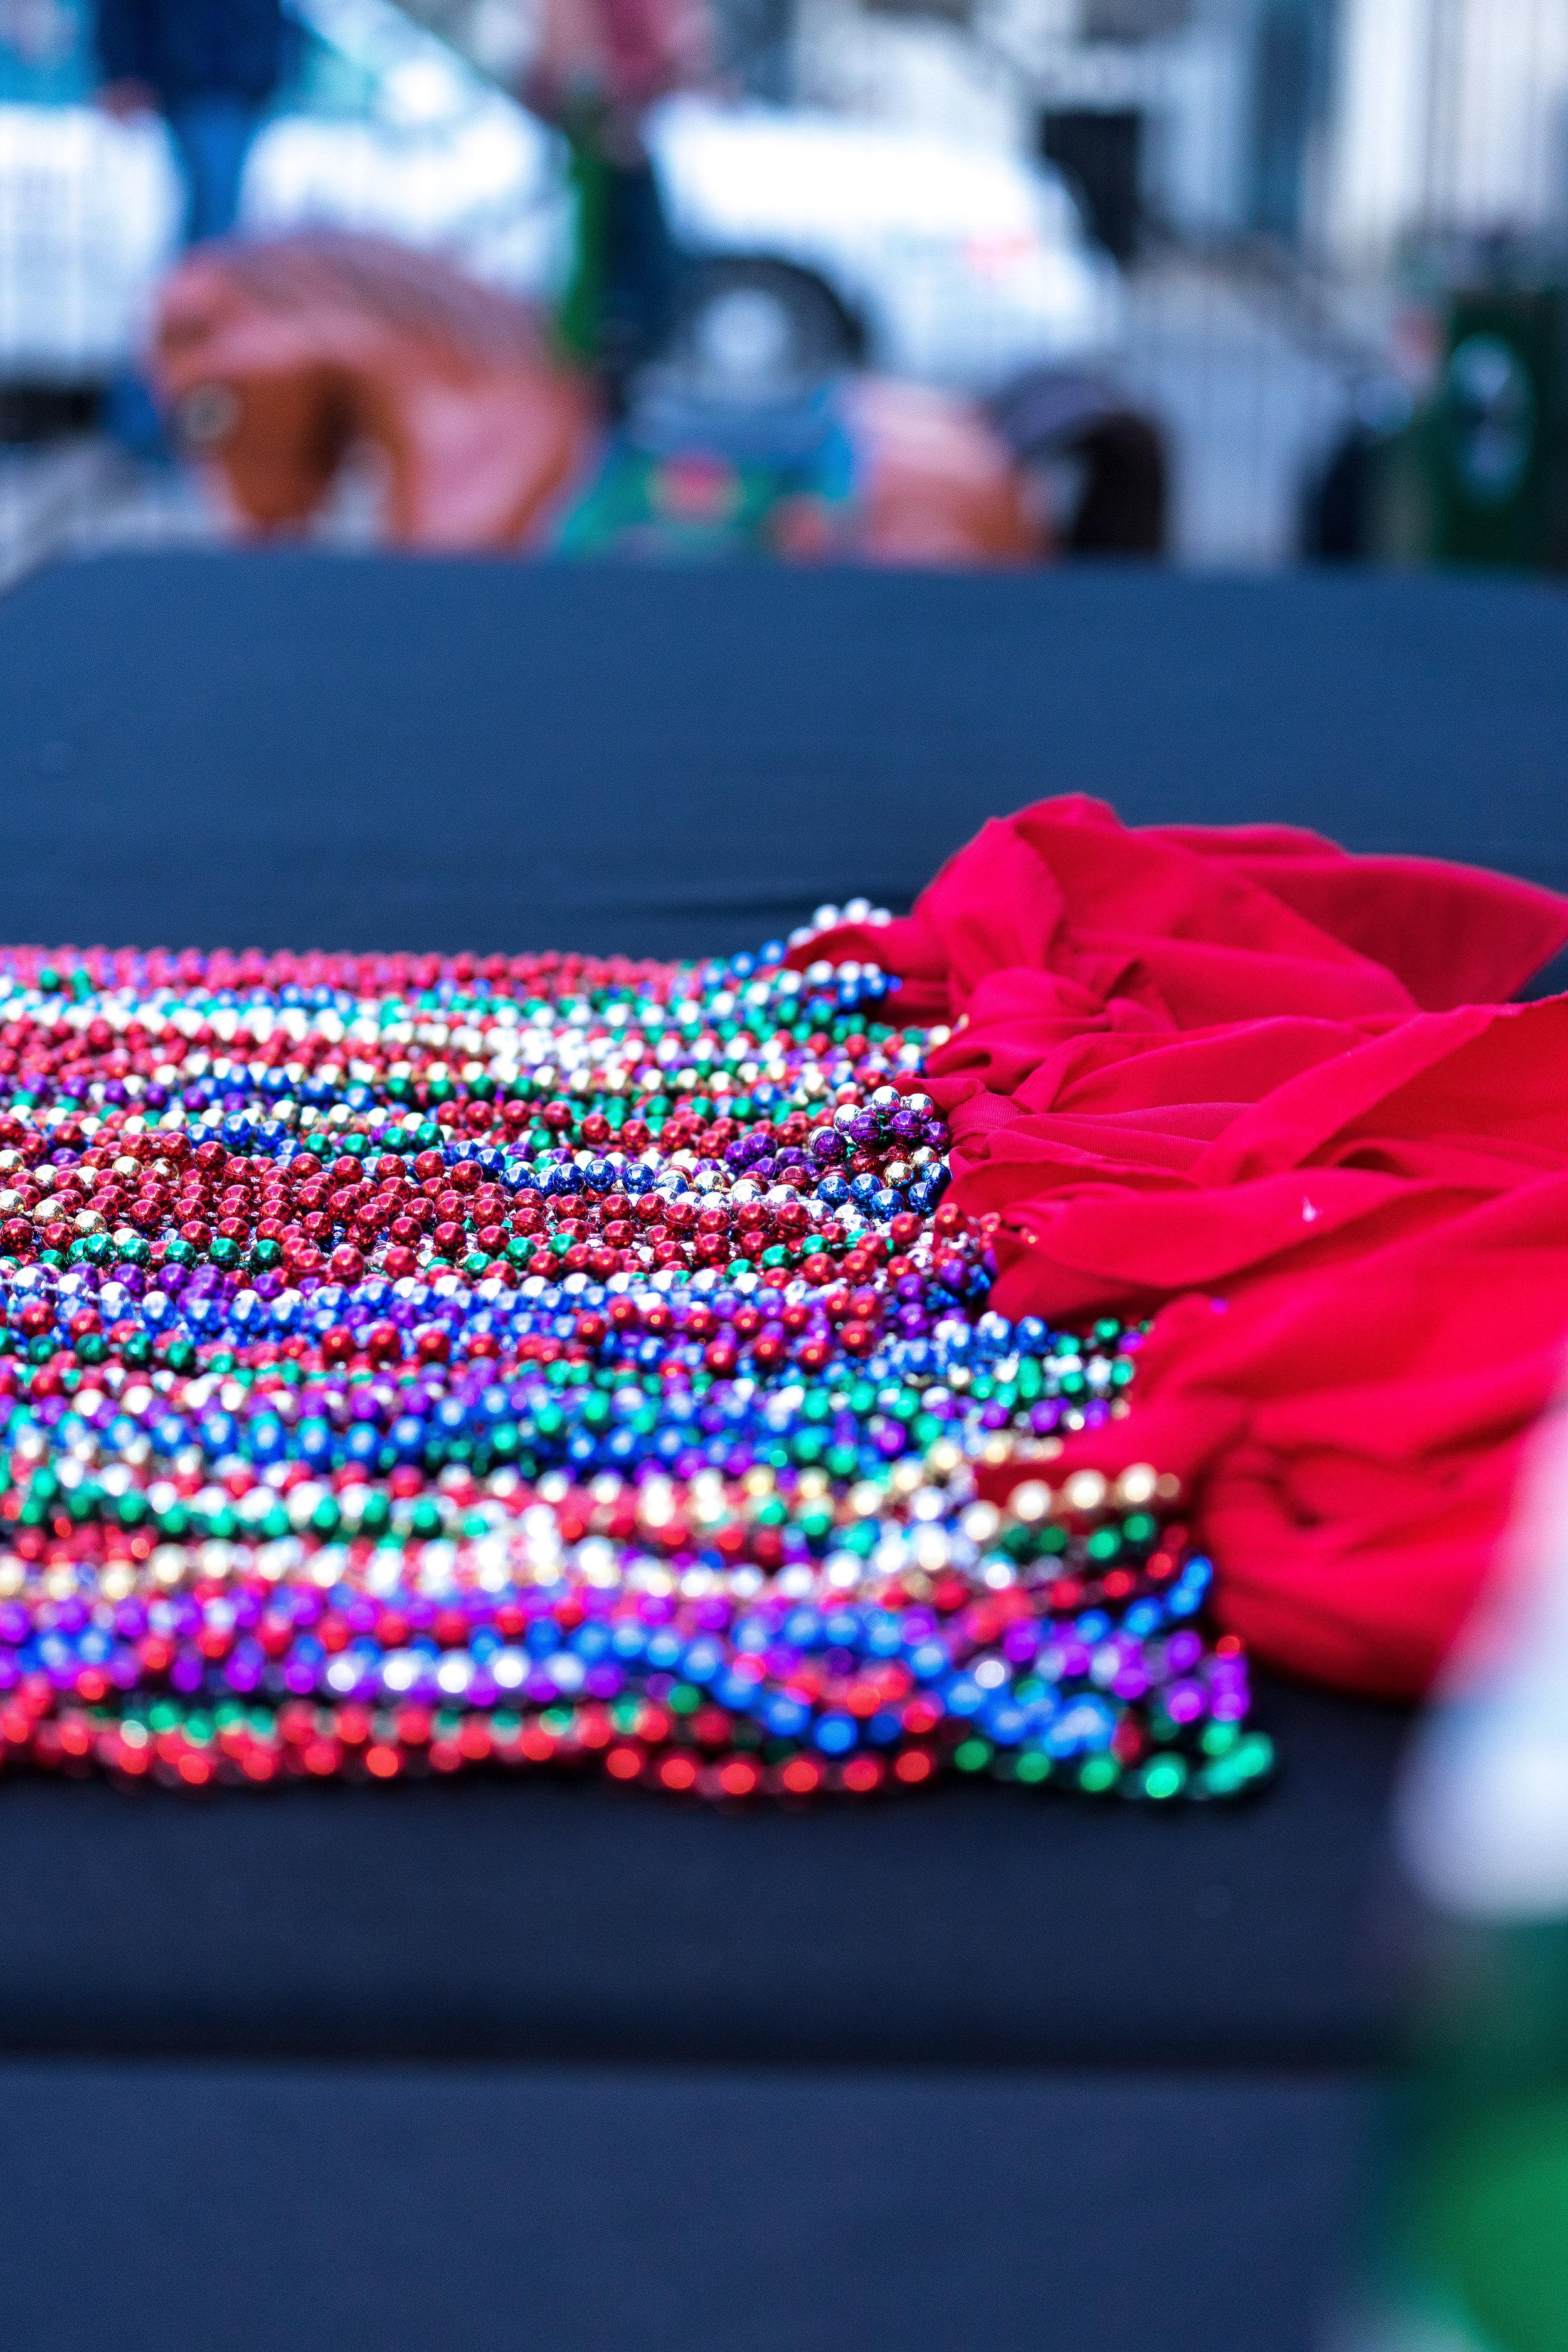 detail wedding image of mardi gras beads